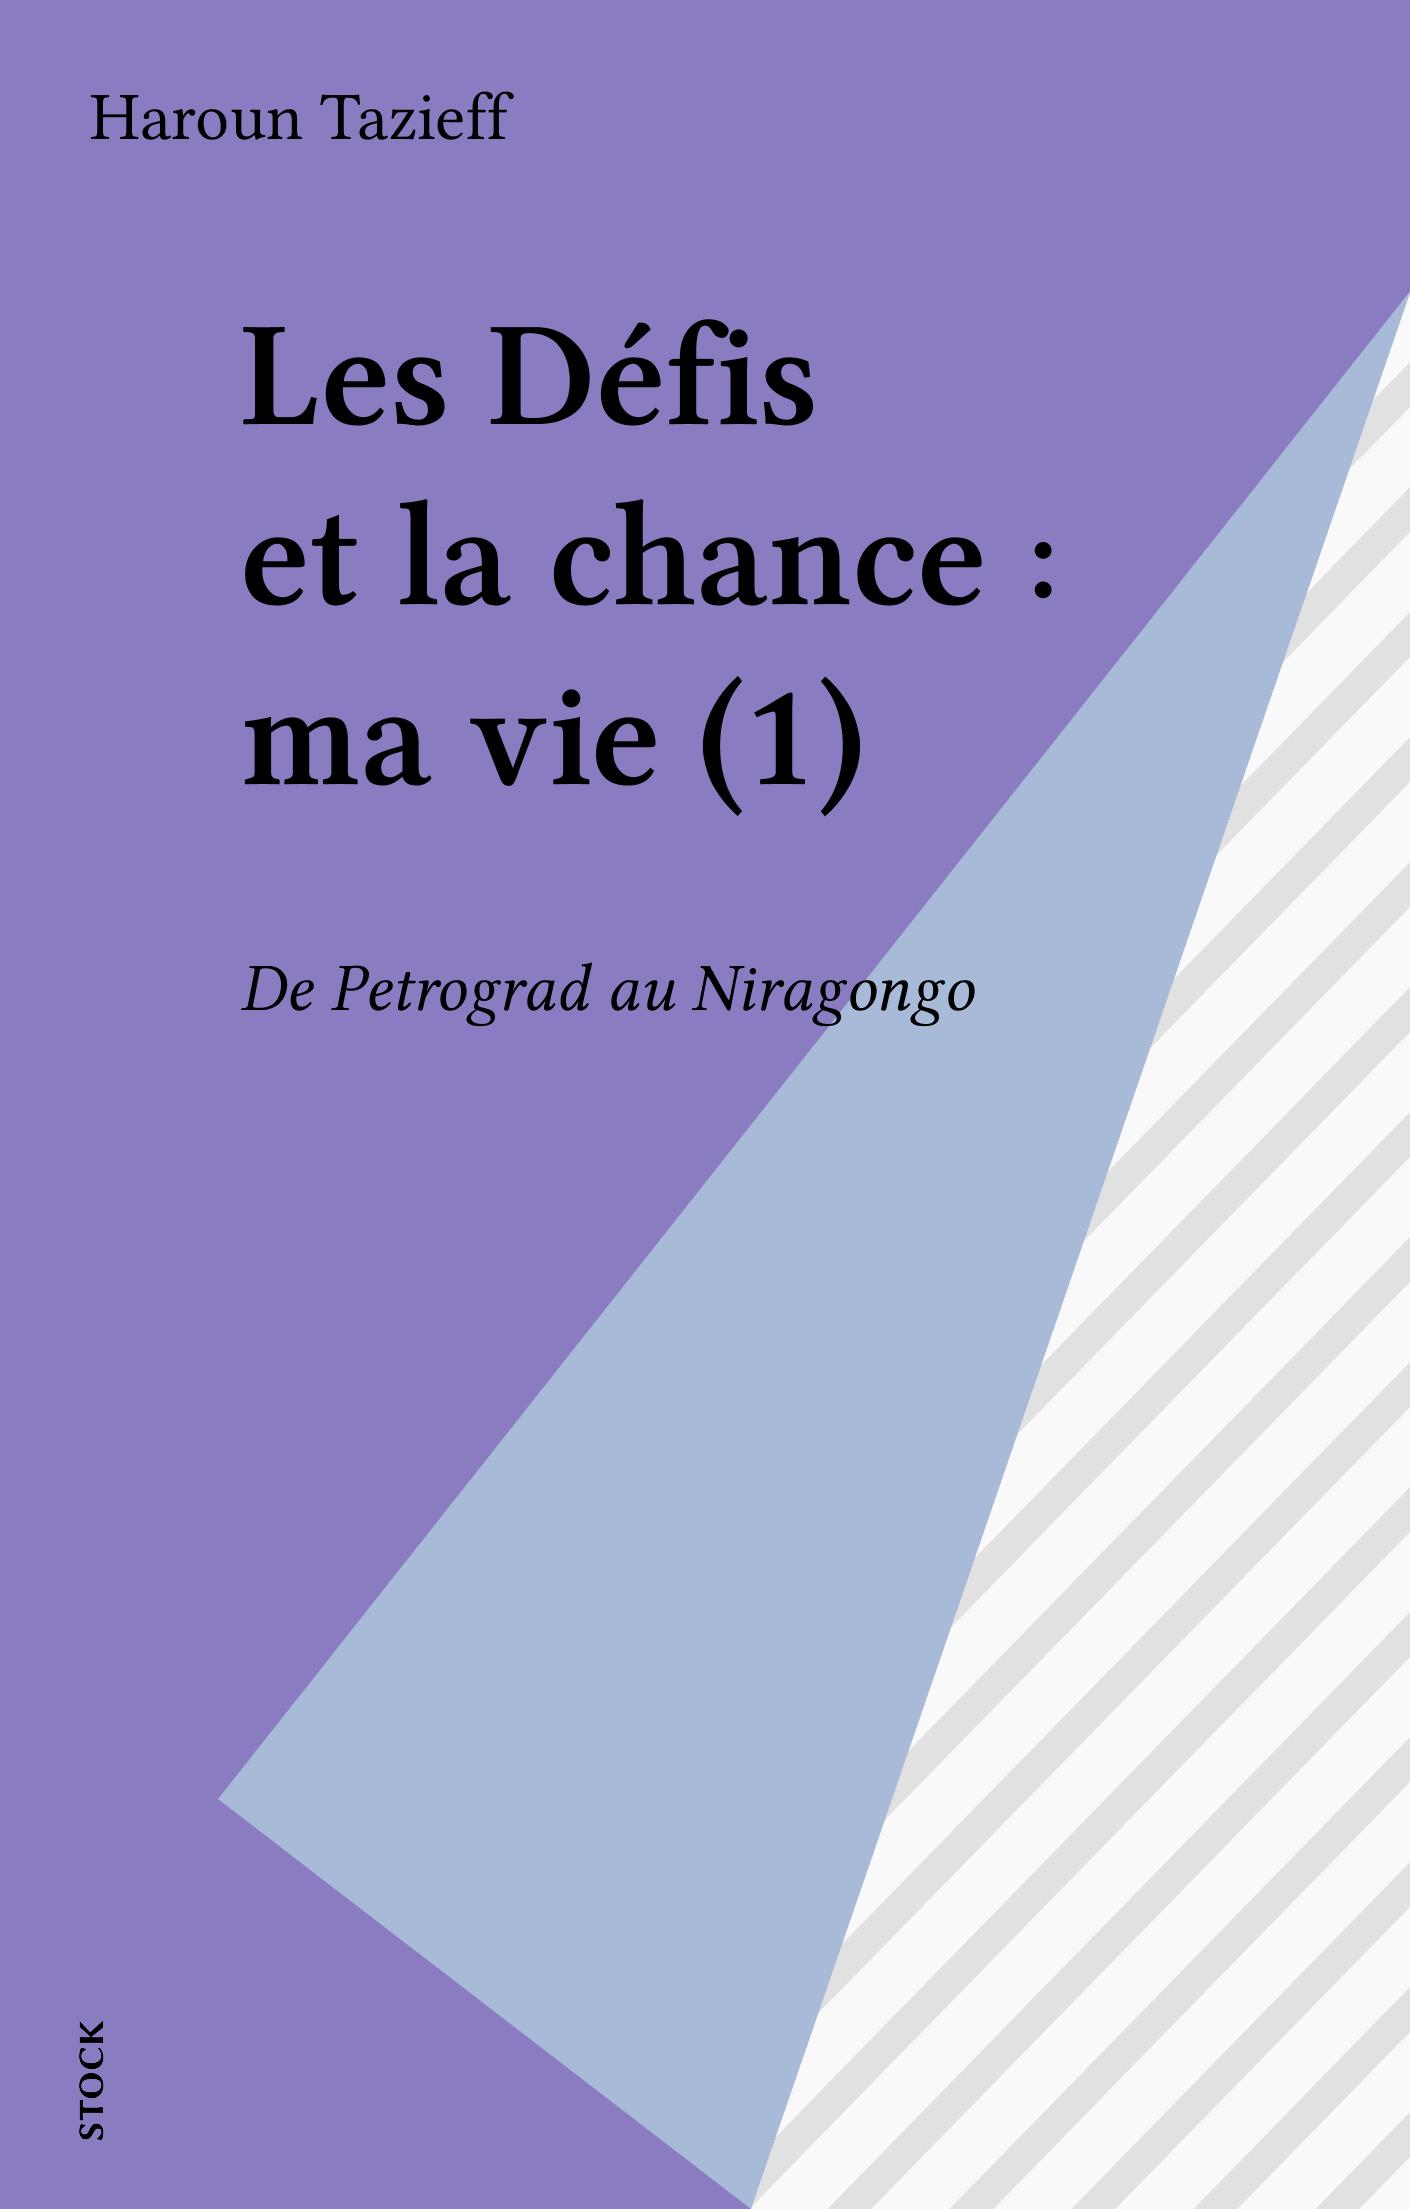 Les Défis et la chance : ma vie (1), DE PETROGRAD AU NIRAGONGO